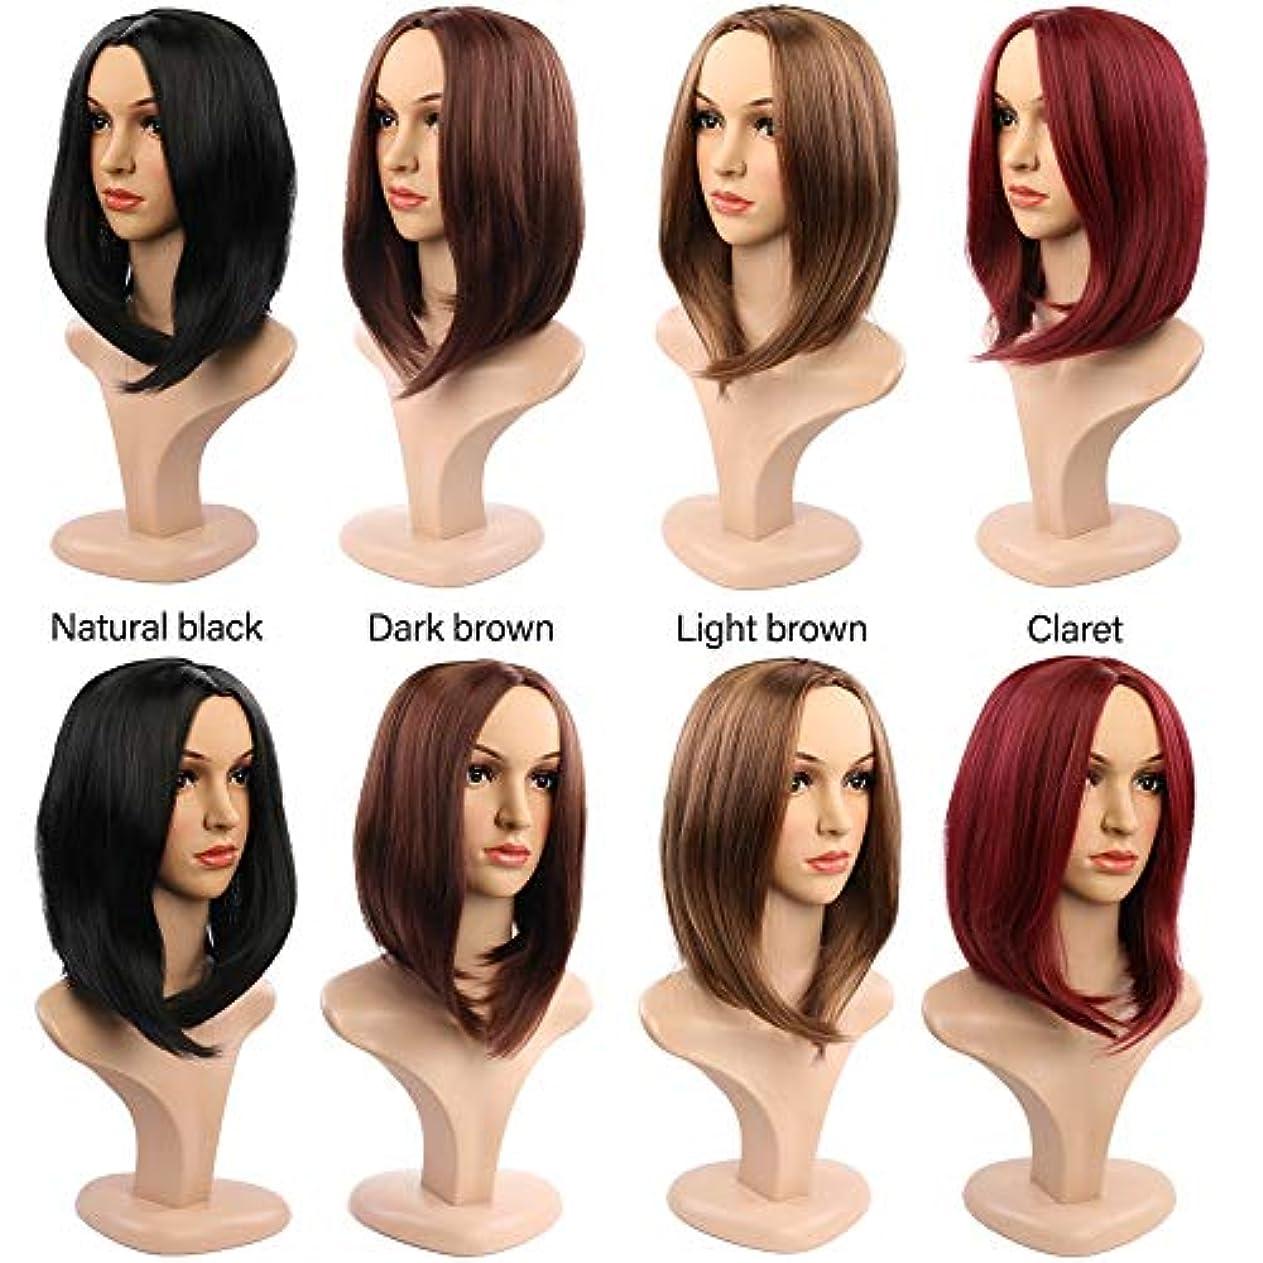 貢献するぺディカブかき混ぜる女性の短い巻き毛のかつら14